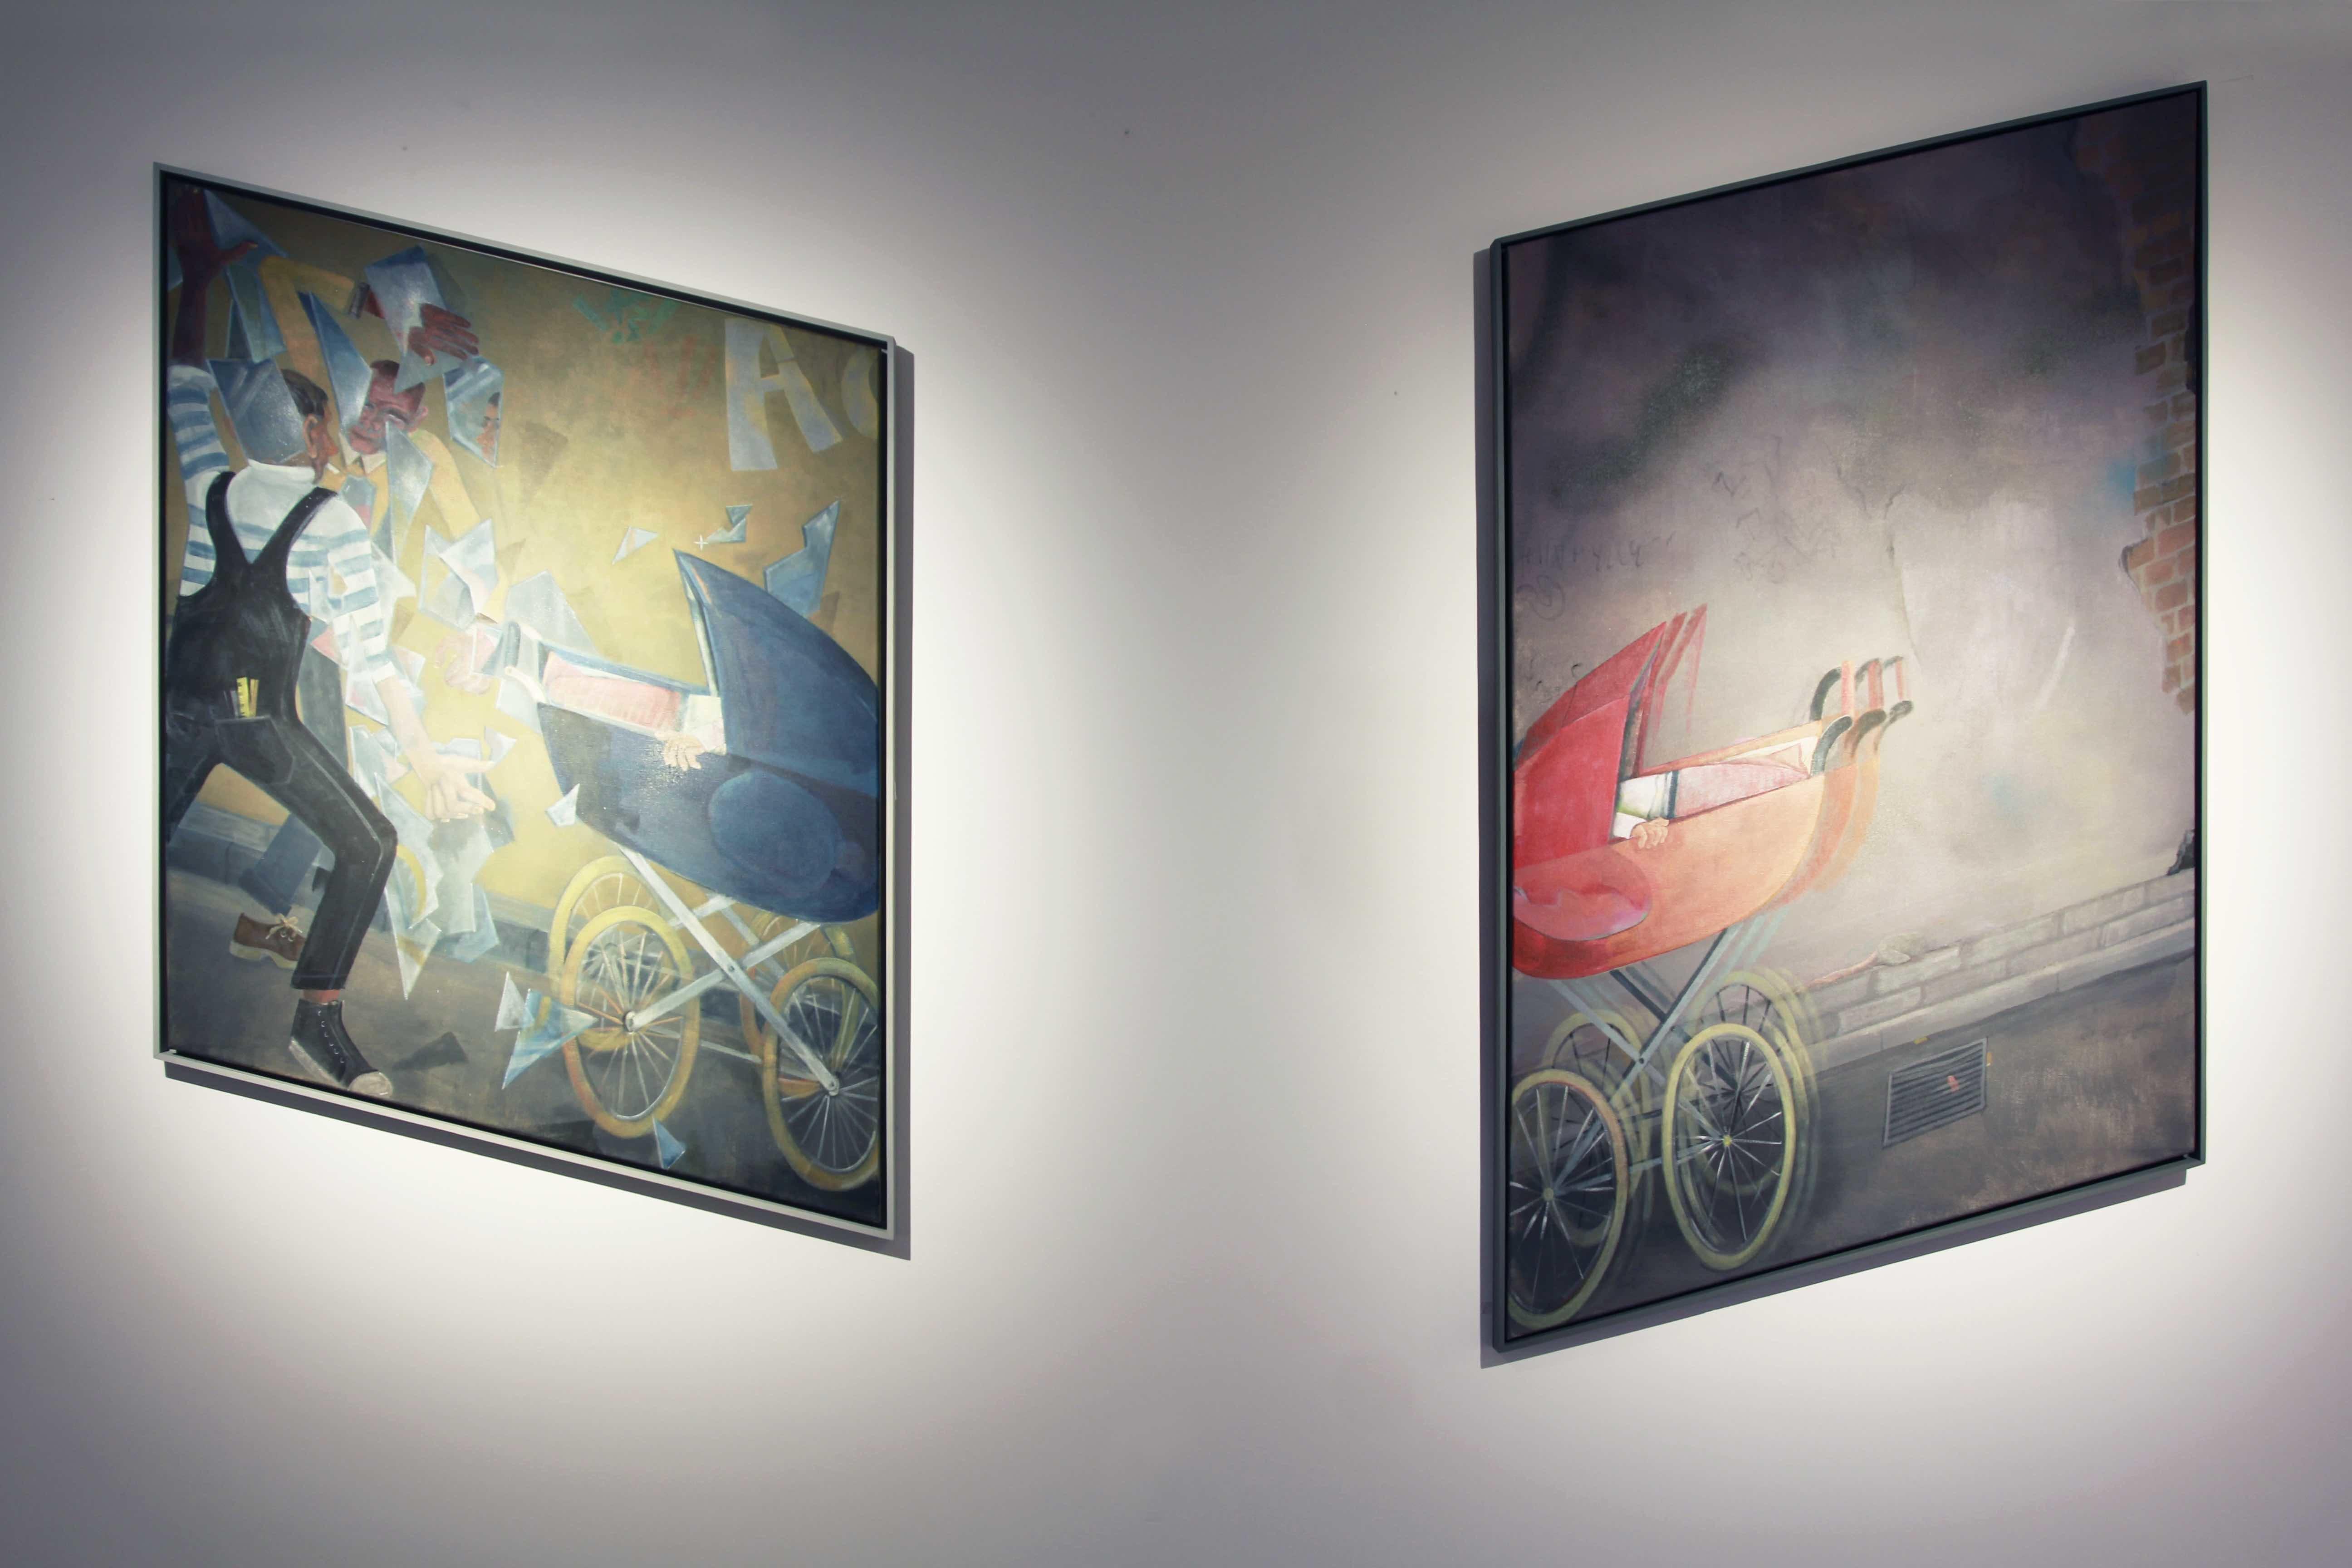 Tomek Kowalski, Untitled (Baby), olej napłótnie, 2013